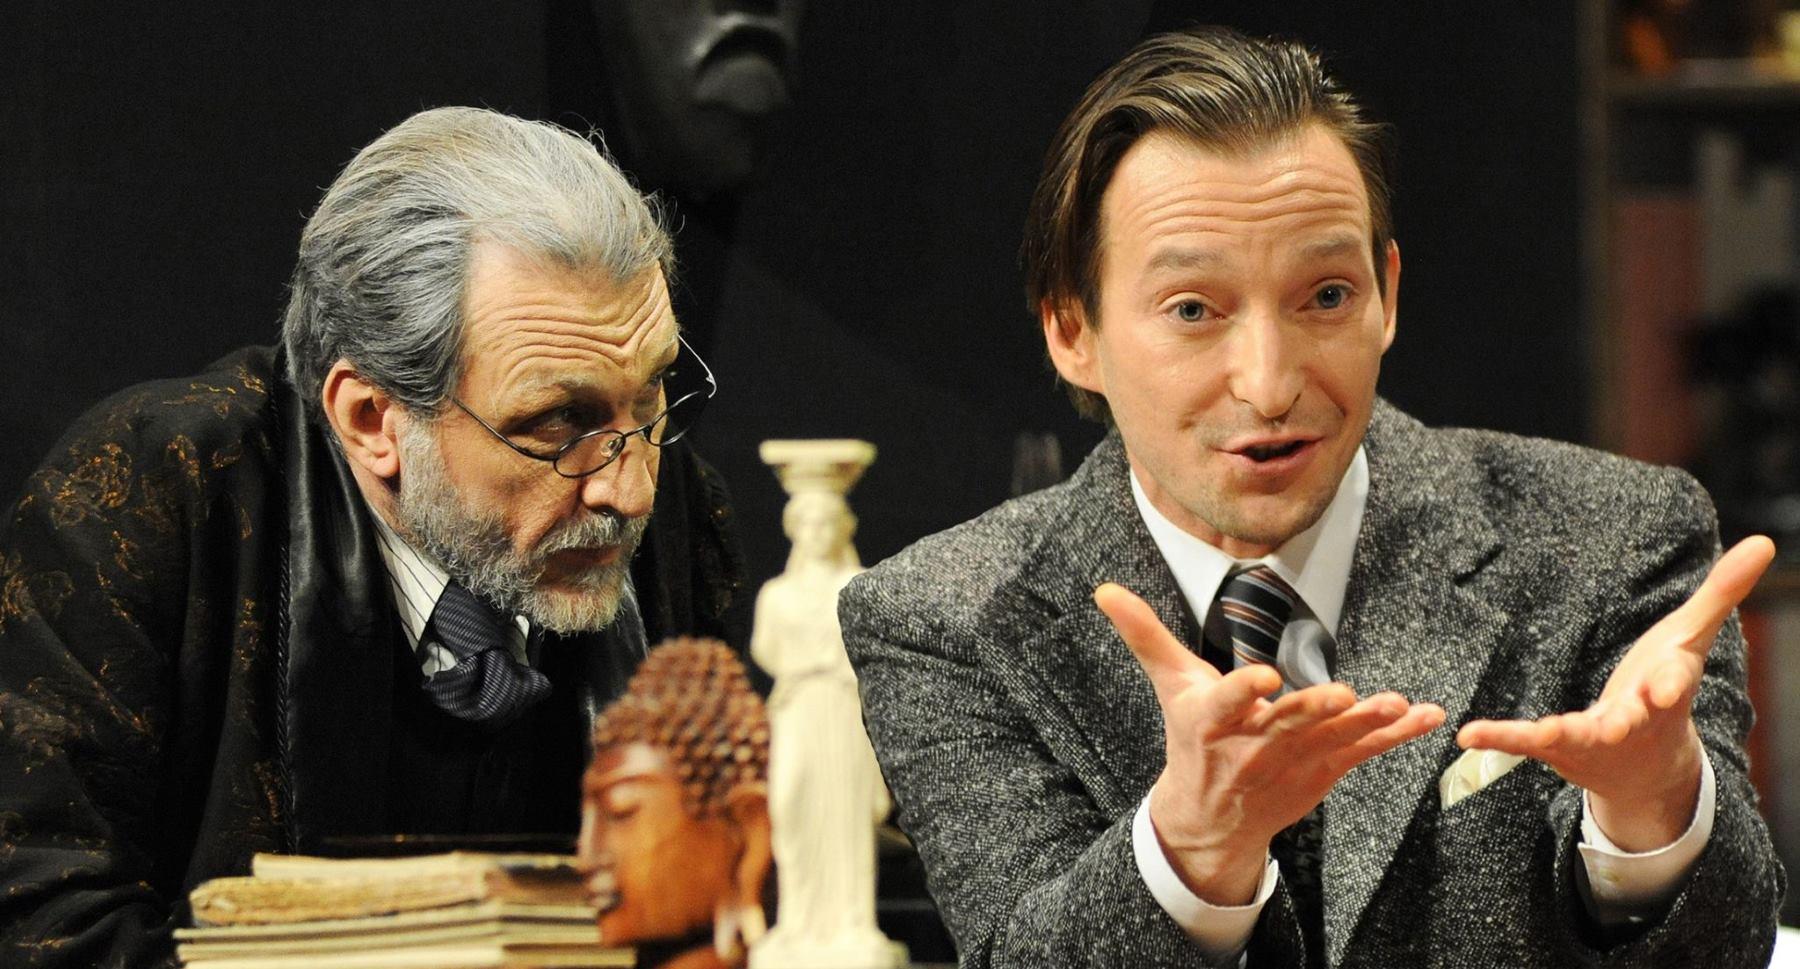 MALA SCENA 'Posljednja Freudova seansa' će vas potaknuti na promišljanje